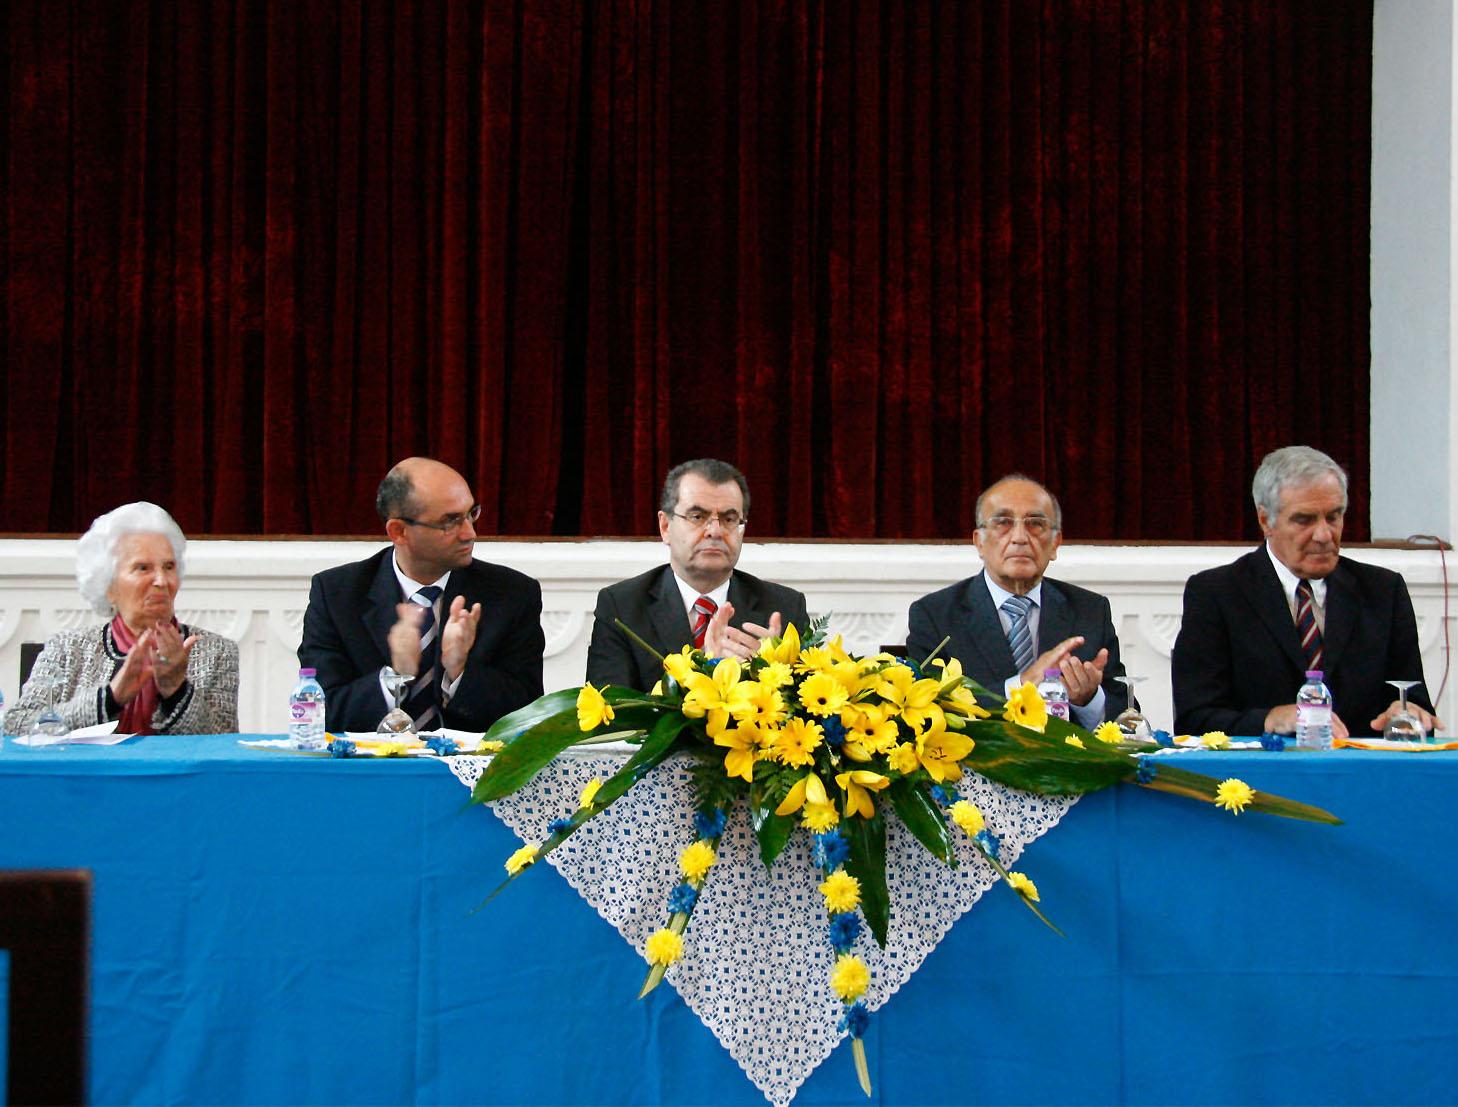 Avelino Meneses afirma que a globalização lança desafios às escolas